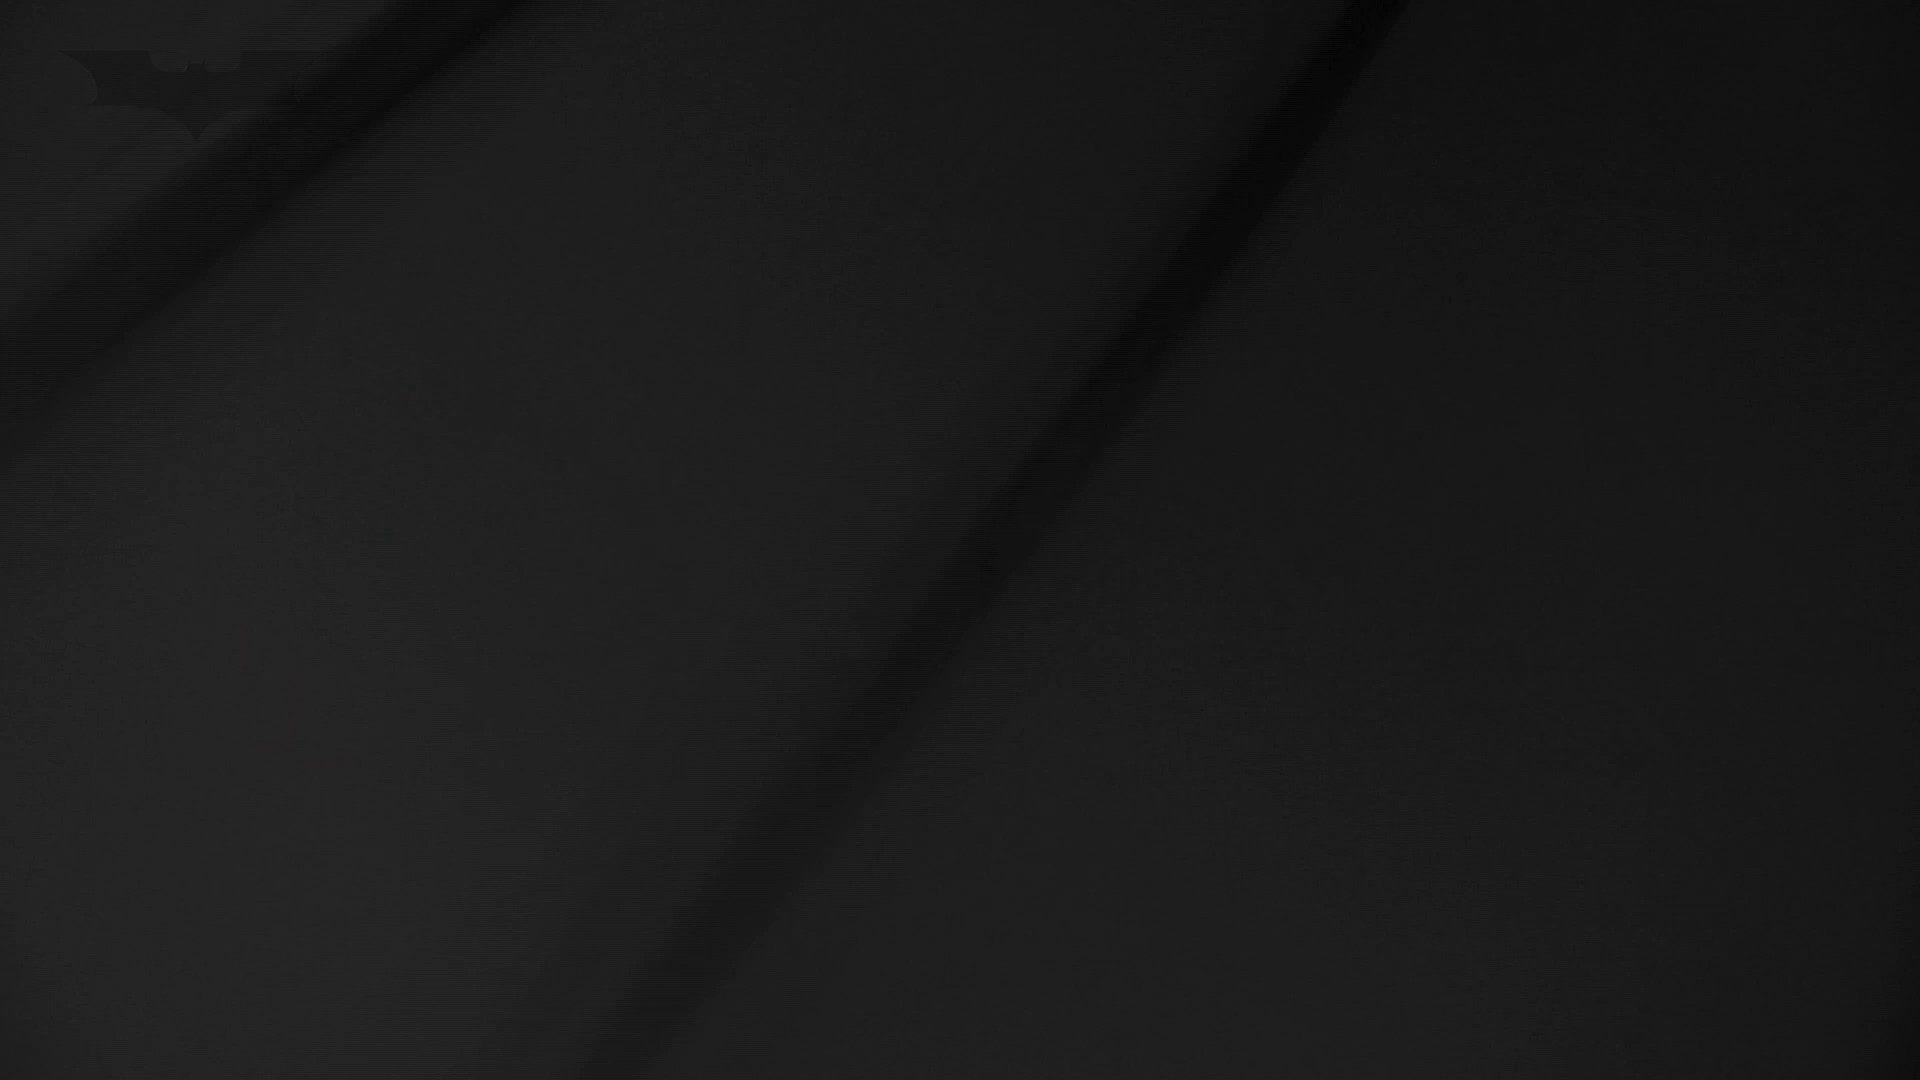 下からノゾム vol.027 毛穴まで見えるようになった ギャル攻め | 丸見え  97画像 49